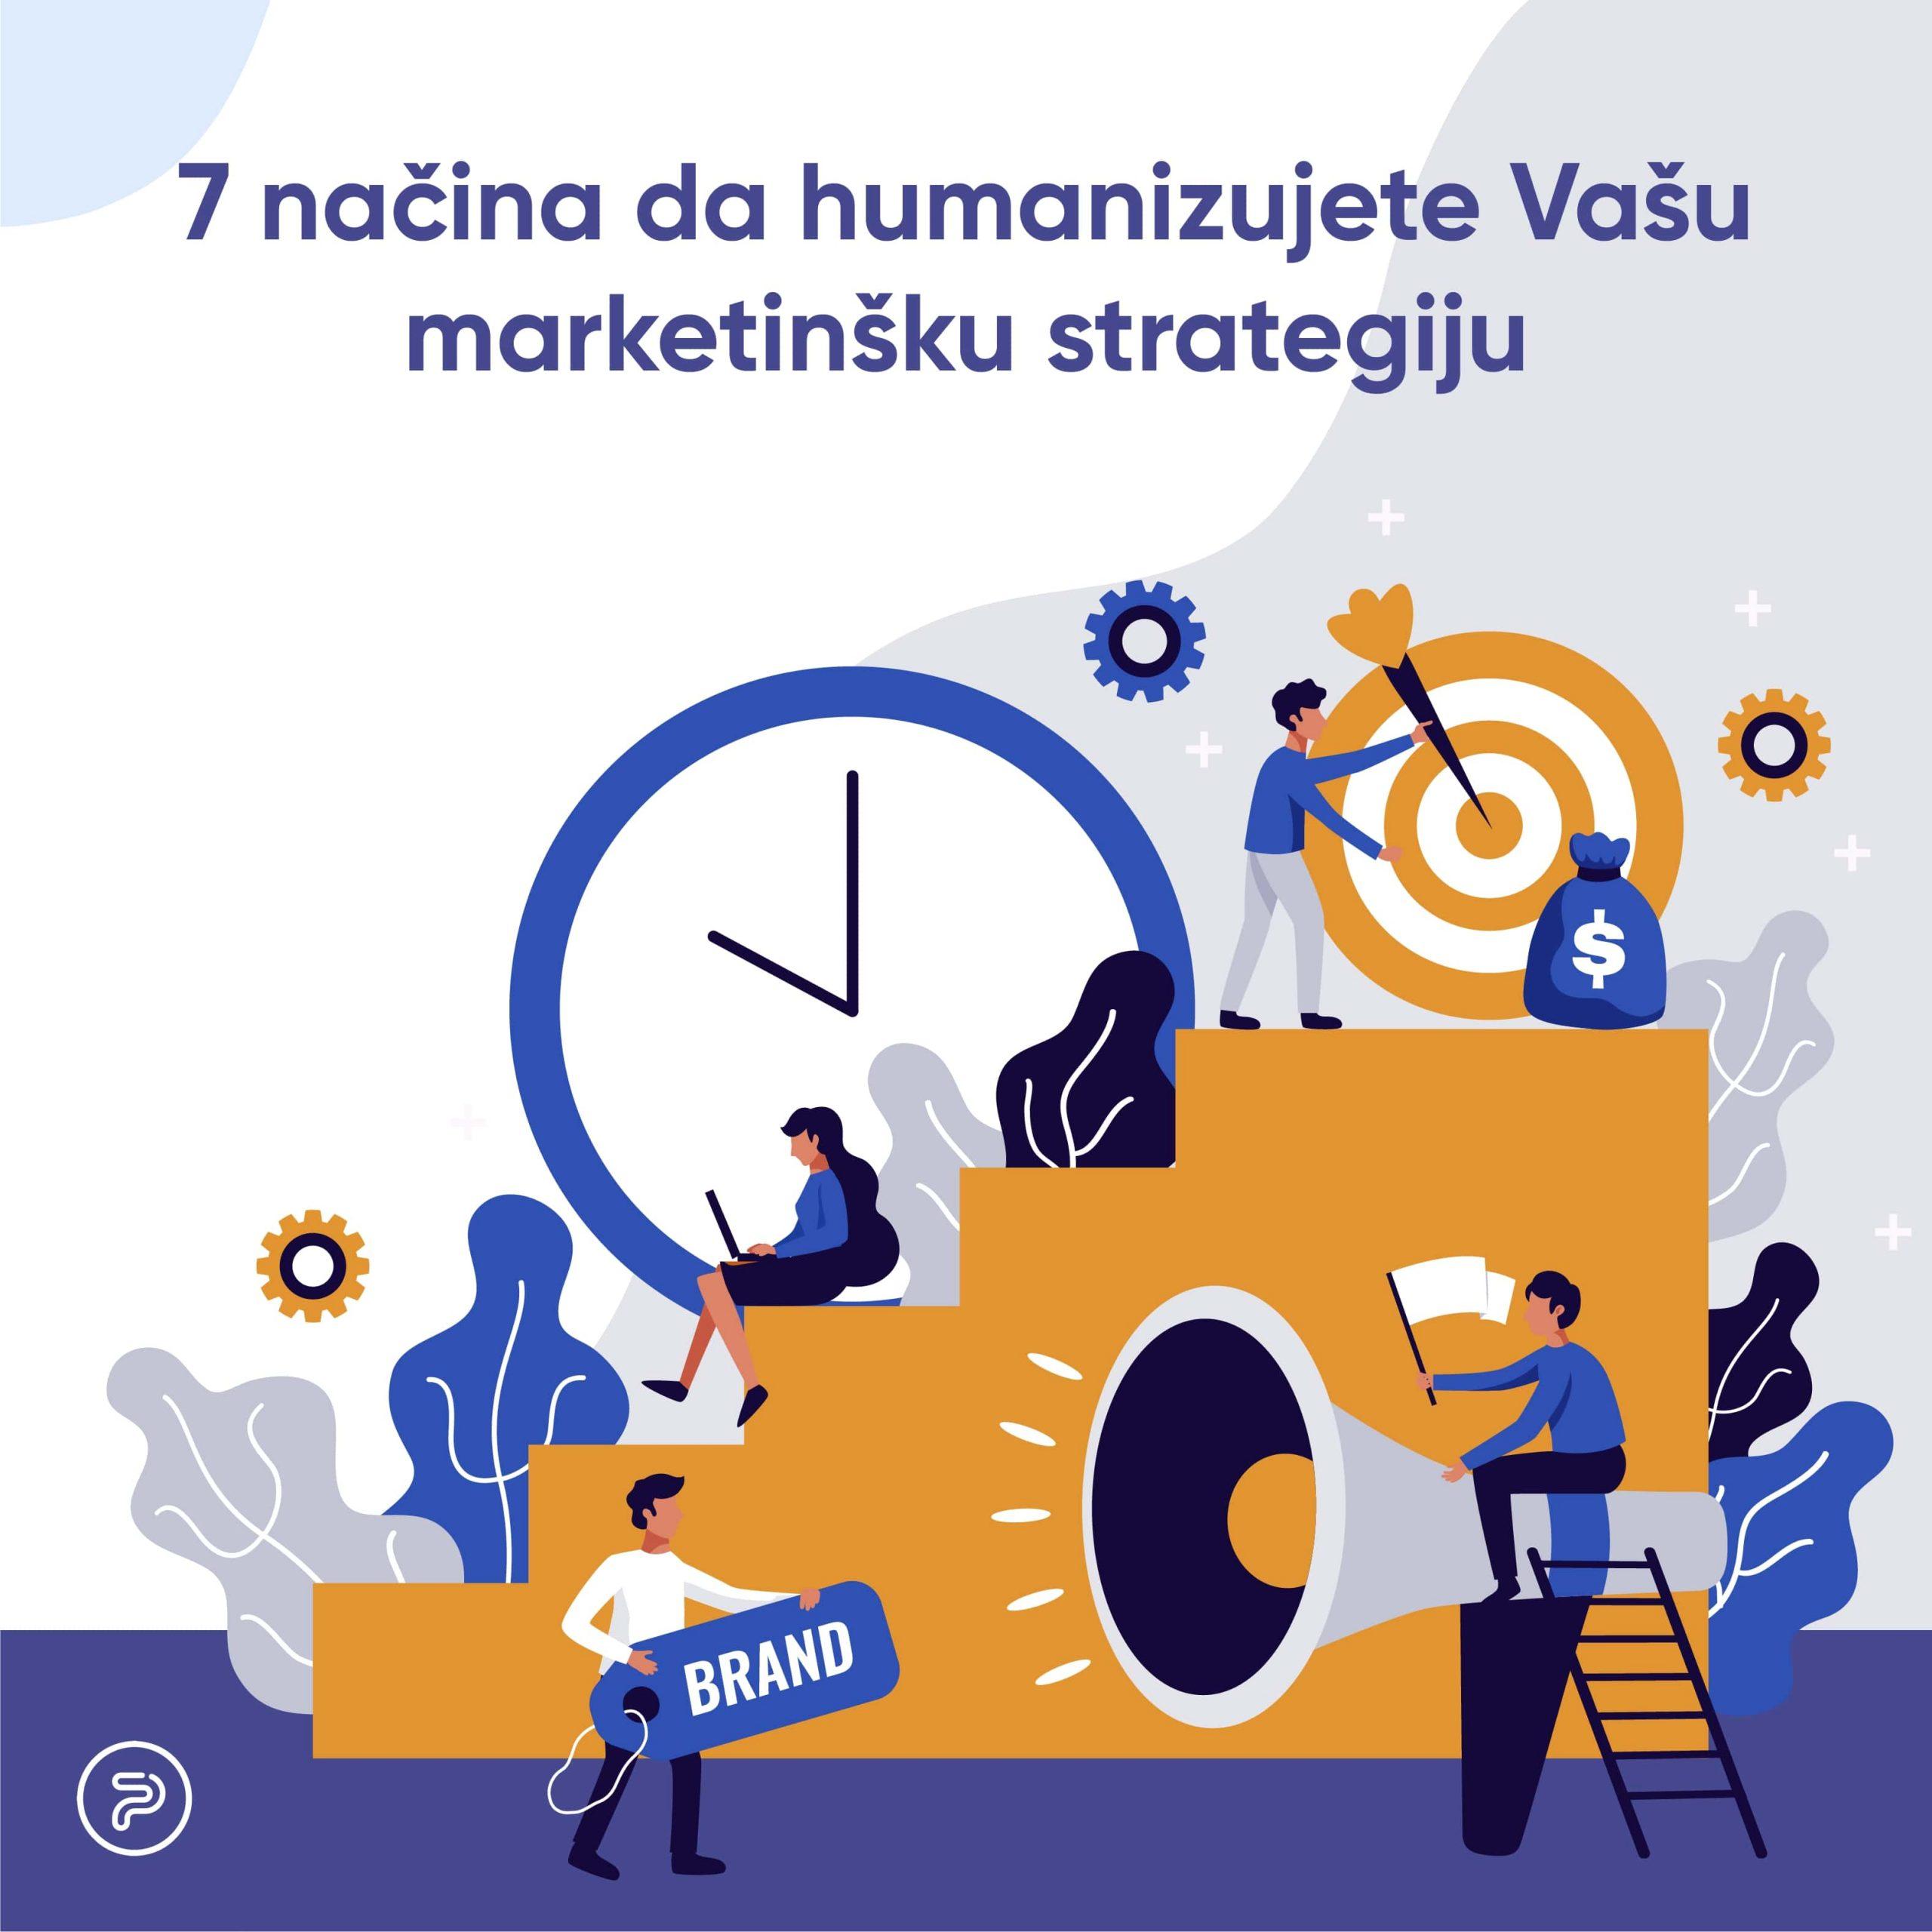 7 načina da humanizujete Vašu marketinšku strategiju